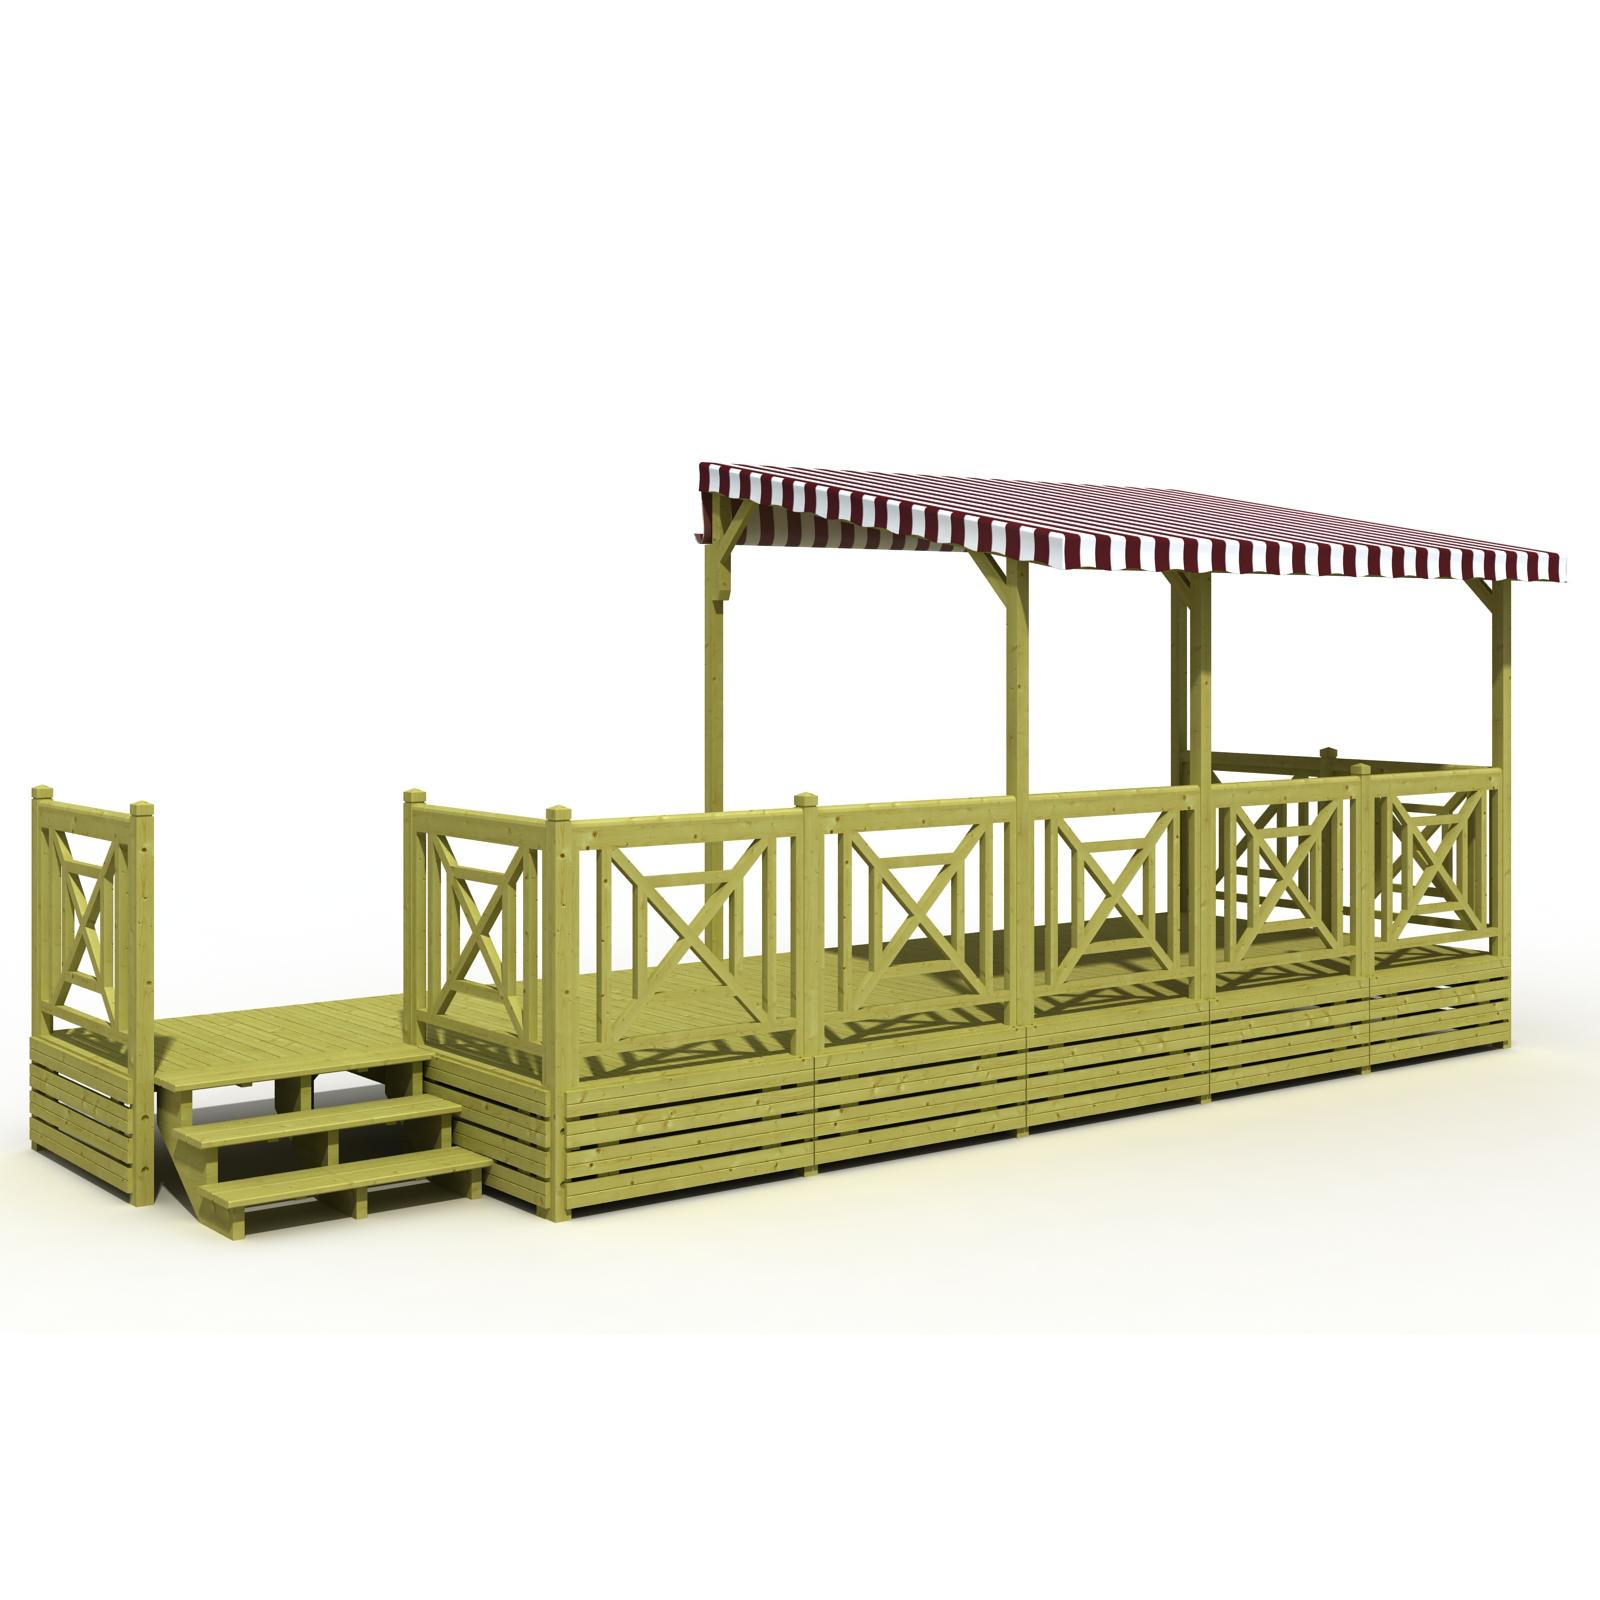 Terrasse Bois Pour Mobil Home - Terrasse mobil home avec sas simple ou couverte avec ossature pergola et b u00e2che de toit PVC